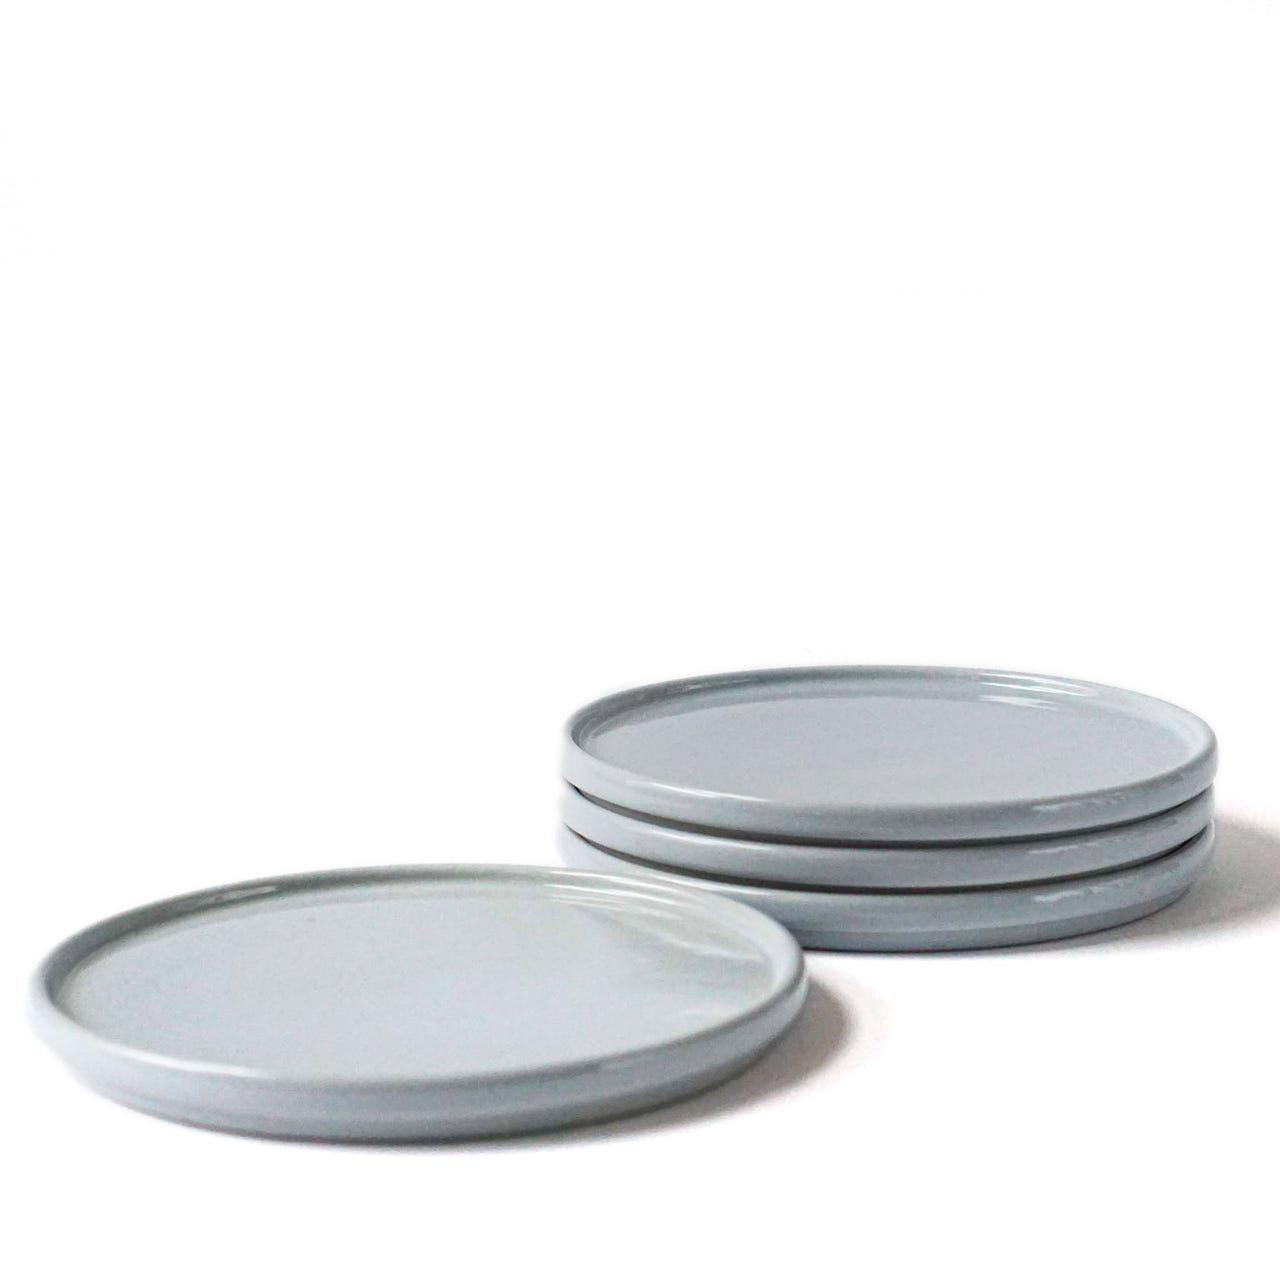 Indre Ceramics Artic Grey Teller/ Deckel 16cm